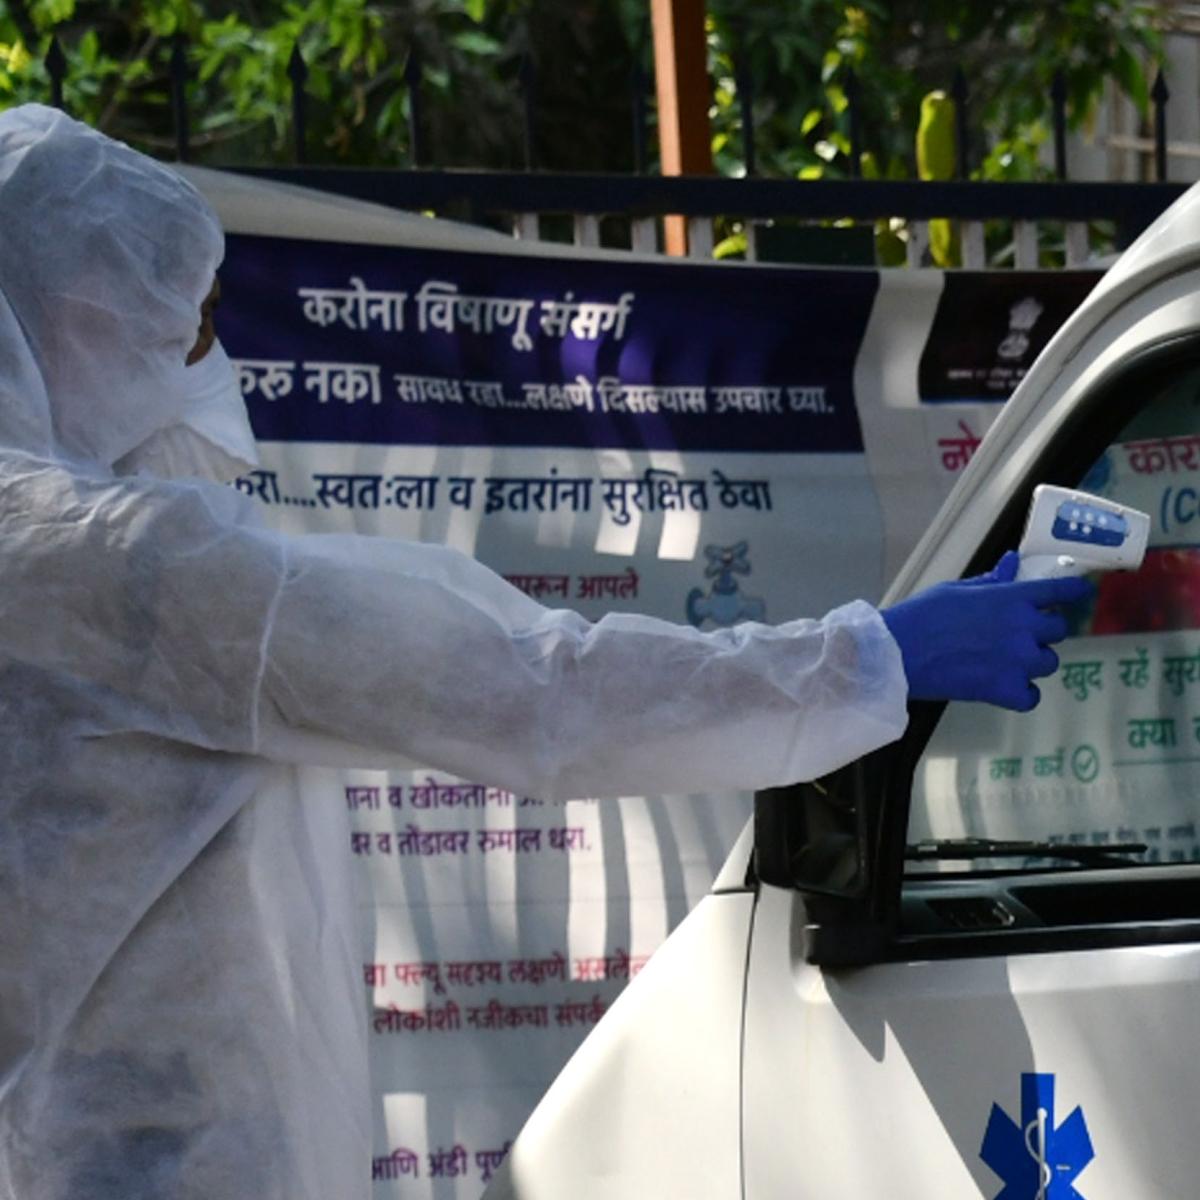 Mumbai: Private company donatesvansto BMC, to be used as mobile dispensaries